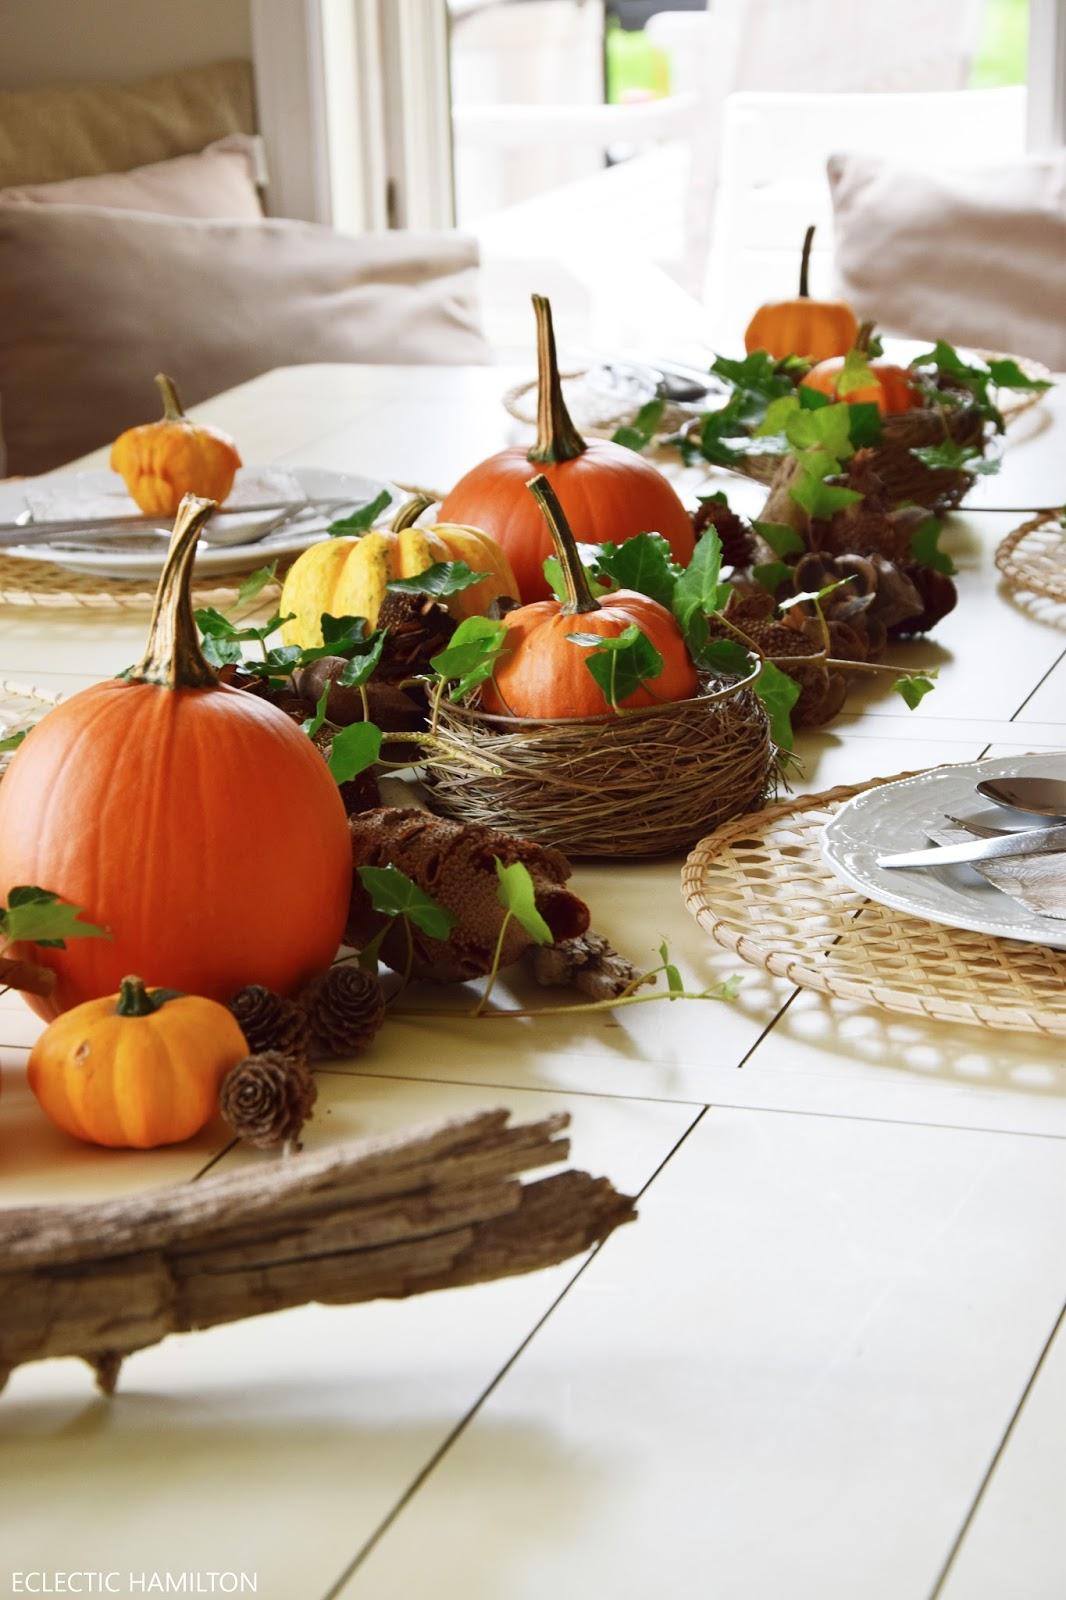 Dekoideen mit Kürbis für den Herbst. Kürbisse natürlich dekorieren. Tischdeko, Tisch dekorieren Herbstdeko, herbstliche Deko, herbstliche Tischdeko